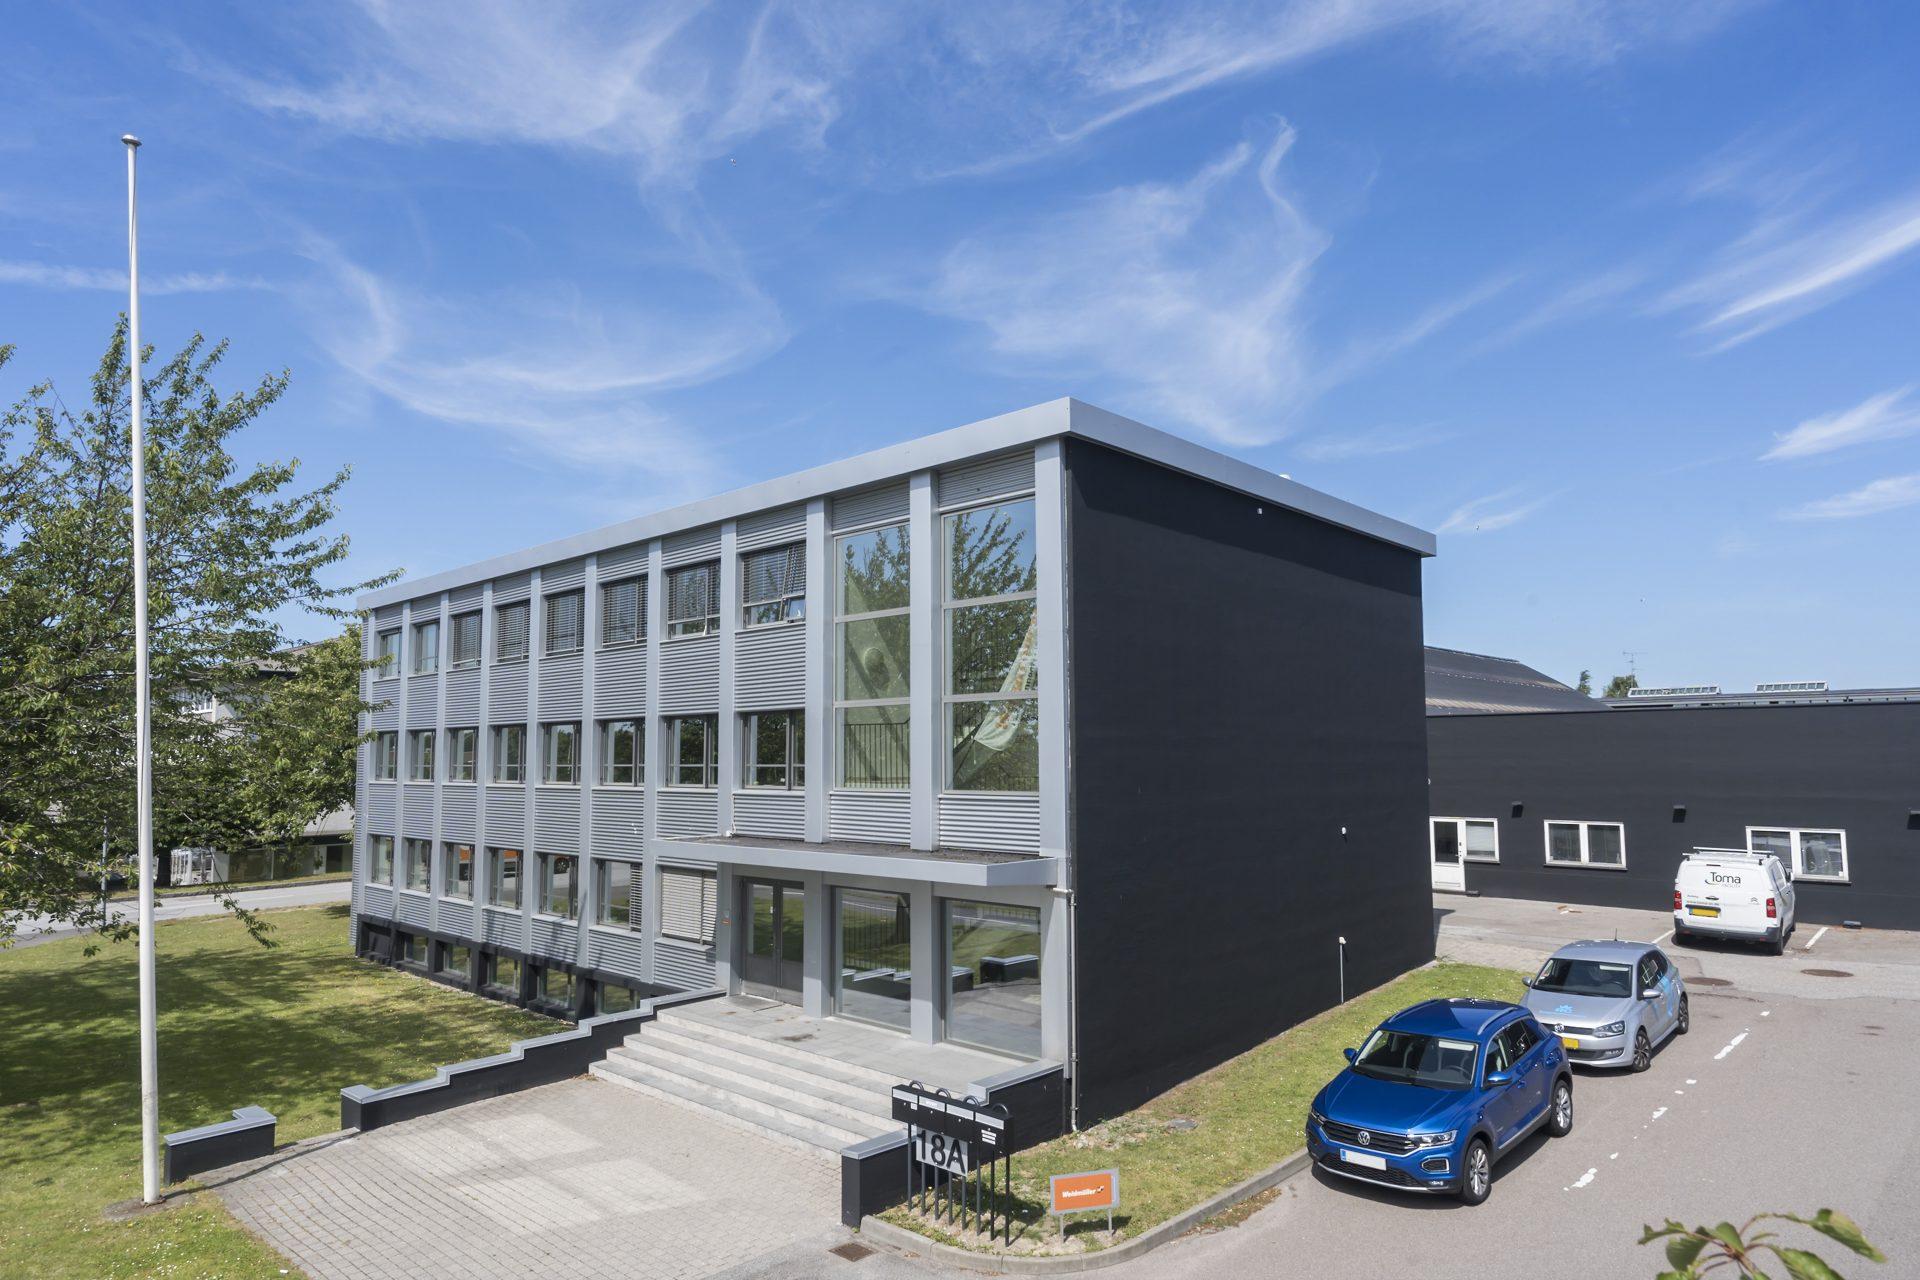 Vallensbækvej 18 A, 2605 Brøndby – 1.392 m² lager og kontor